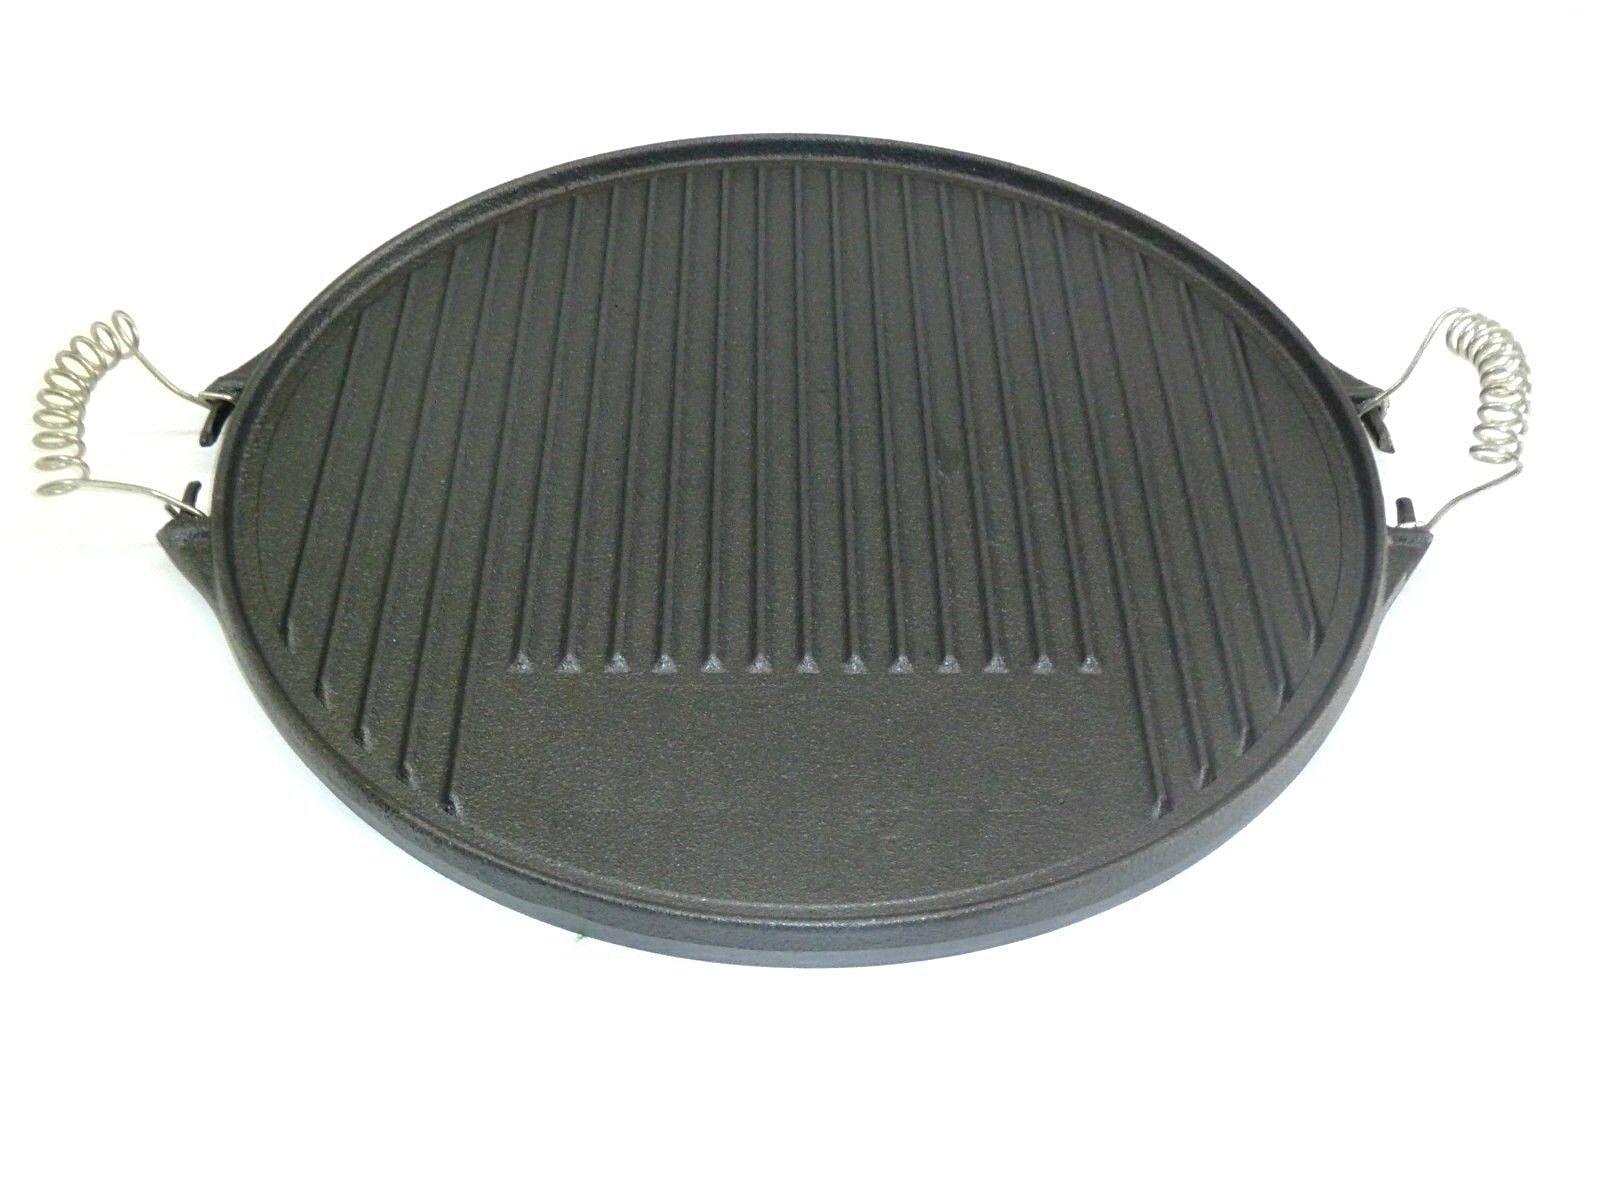 Grillplatte rund Ø 43 cm aus Gusseisen Grillwendeplatte beidseitig verwendbar